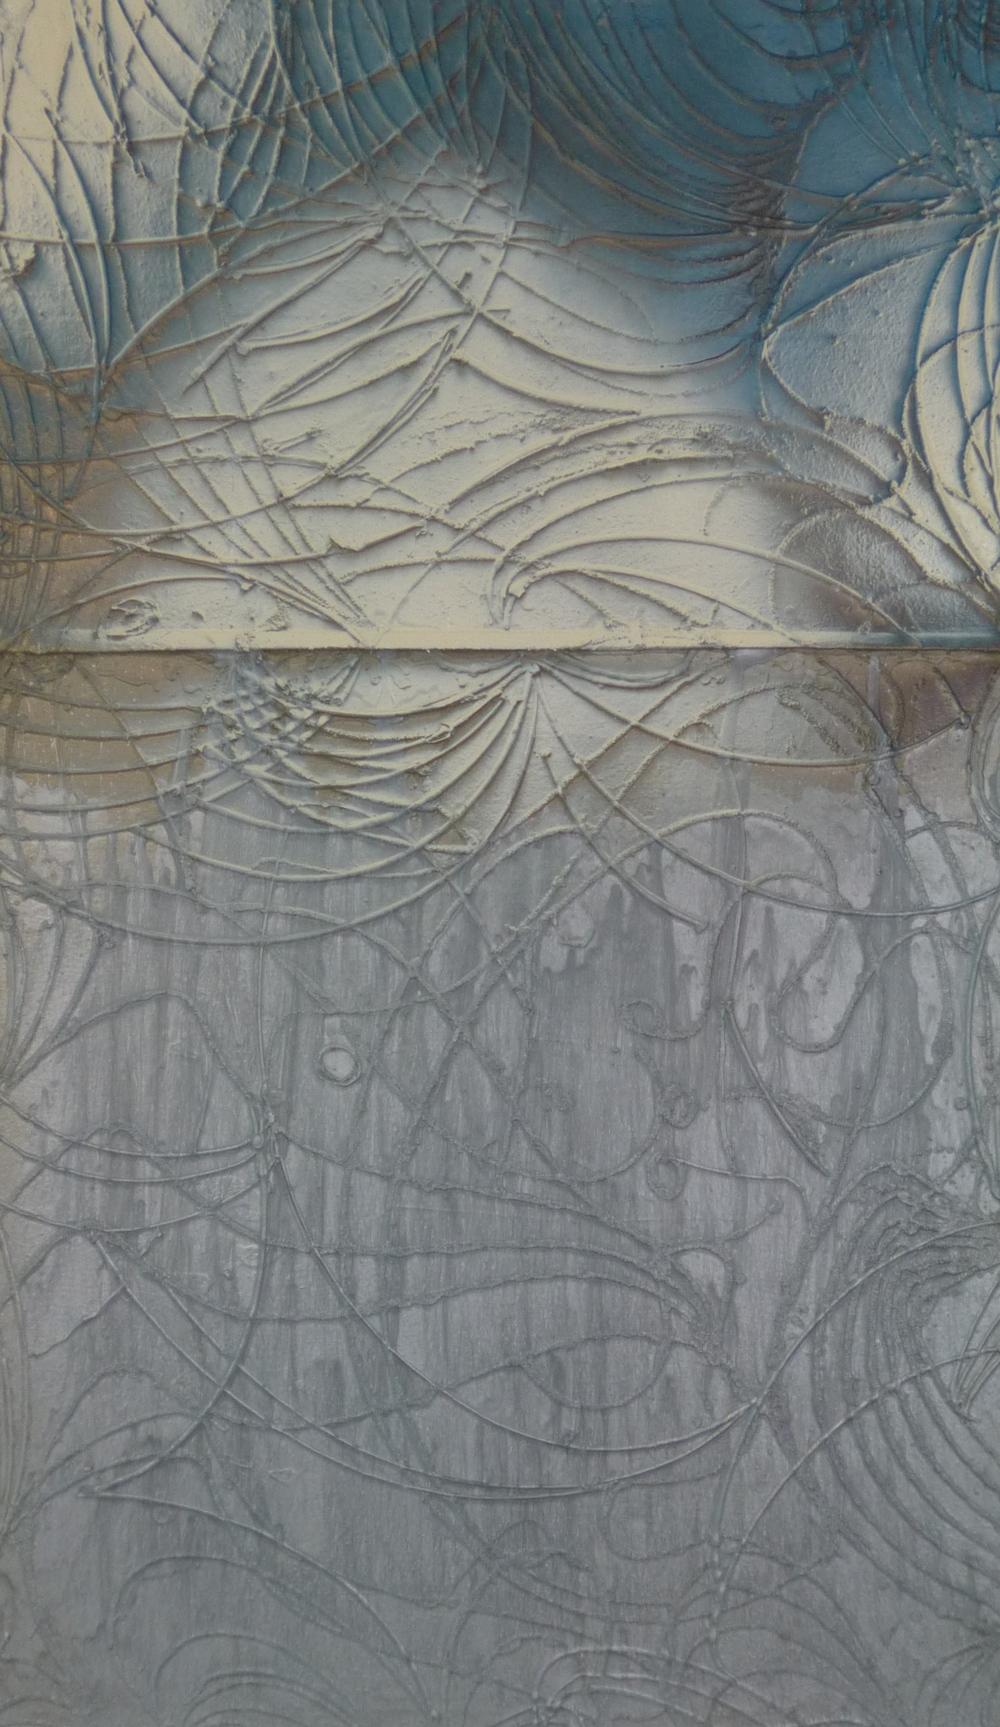 7.Neviditelné trajektorie, 2015, kombinovaná technika, 90 x 150